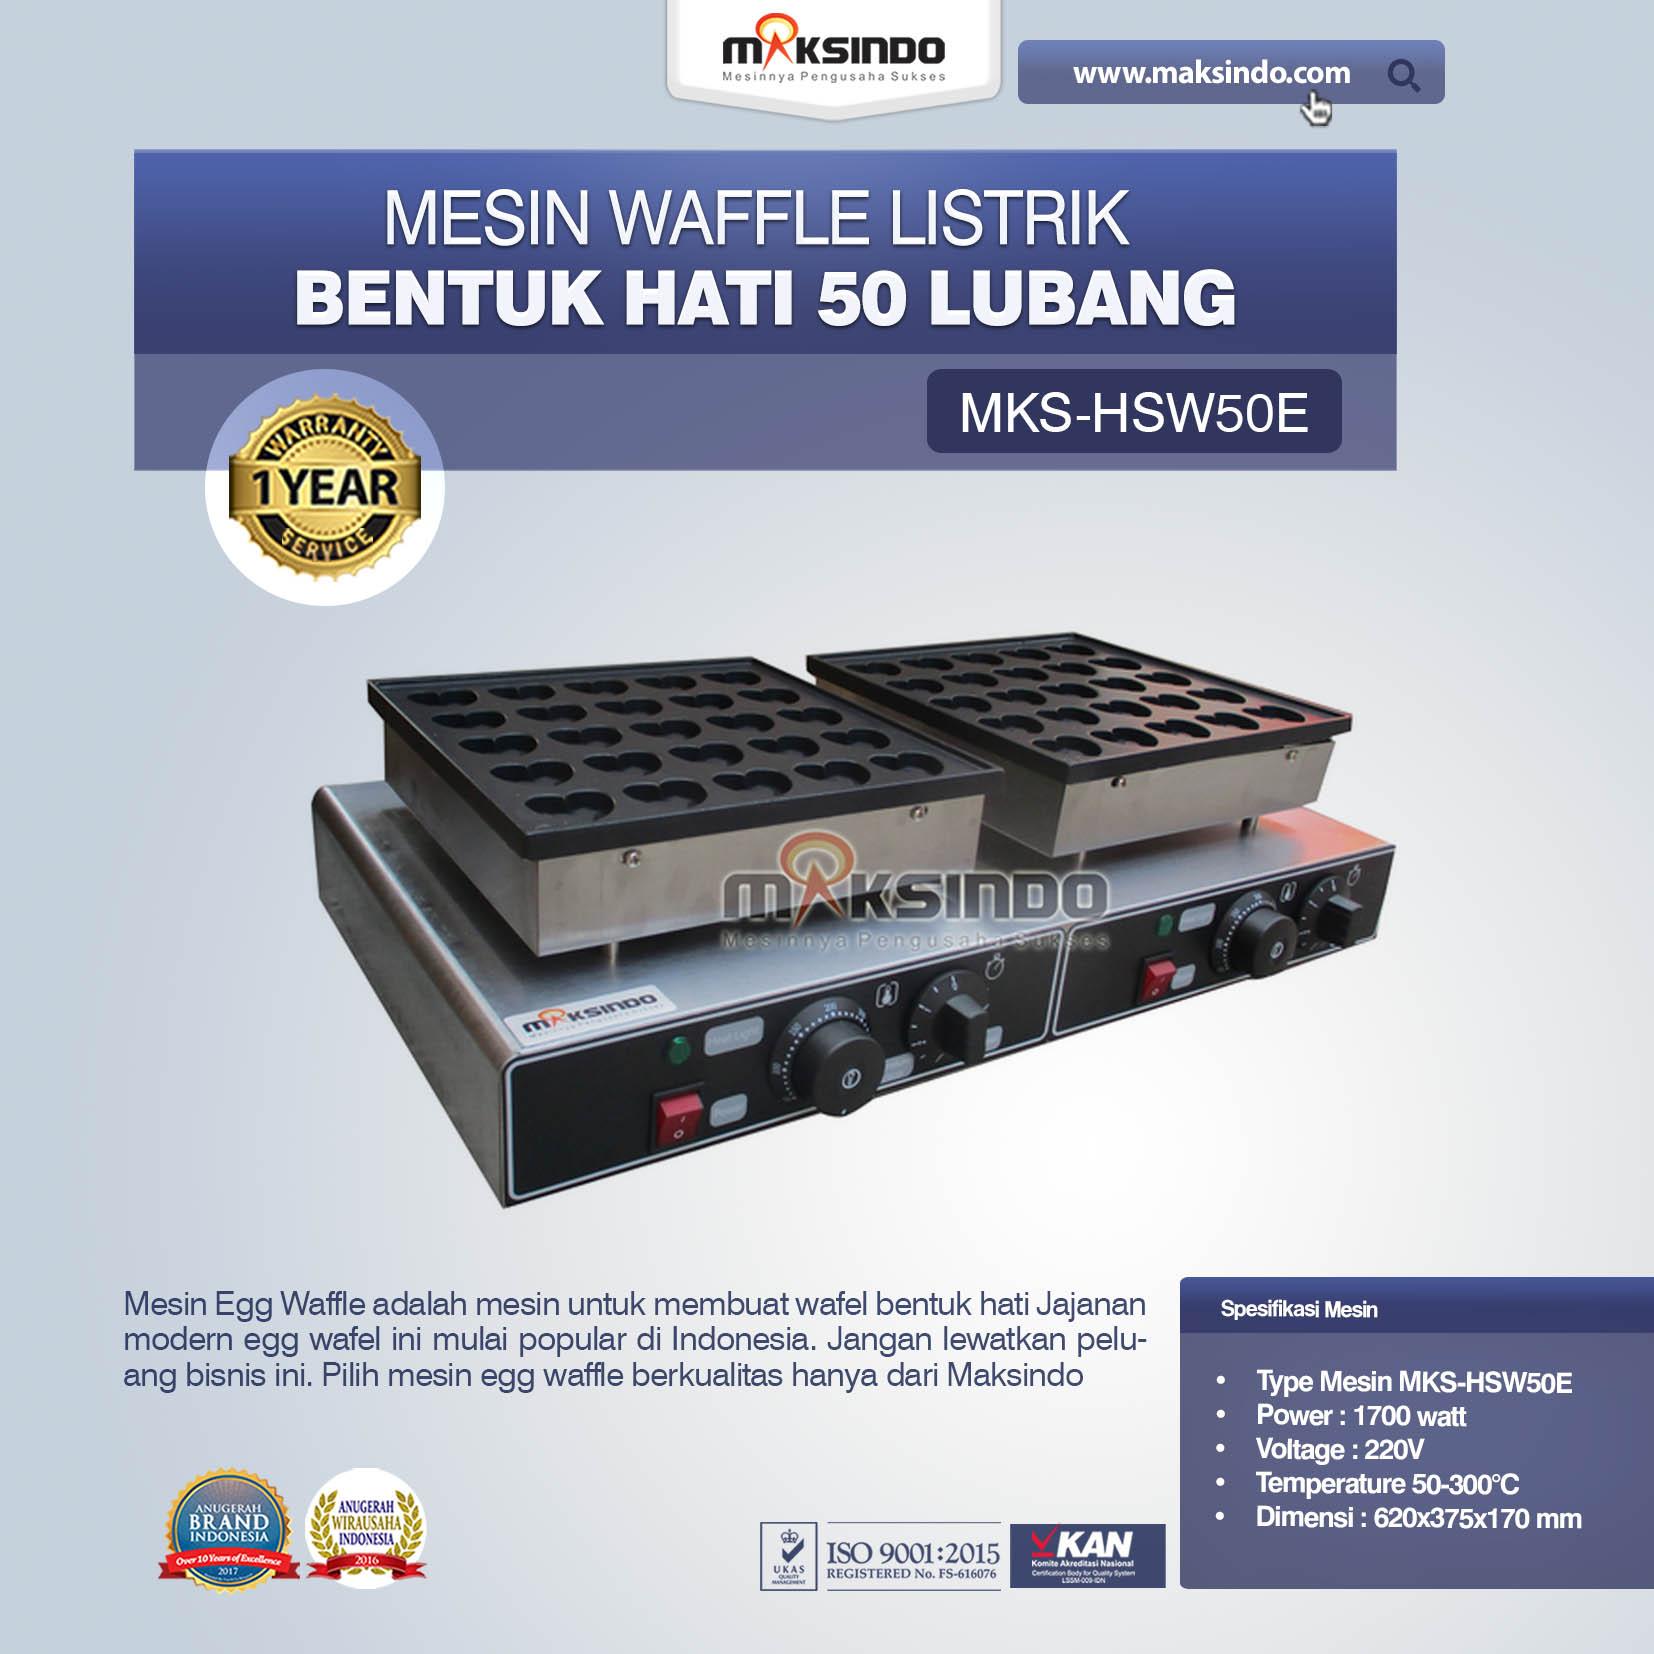 Jual Listrik Waffle Bentuk Hati 50 Lubang MKS-HSW50E di Medan